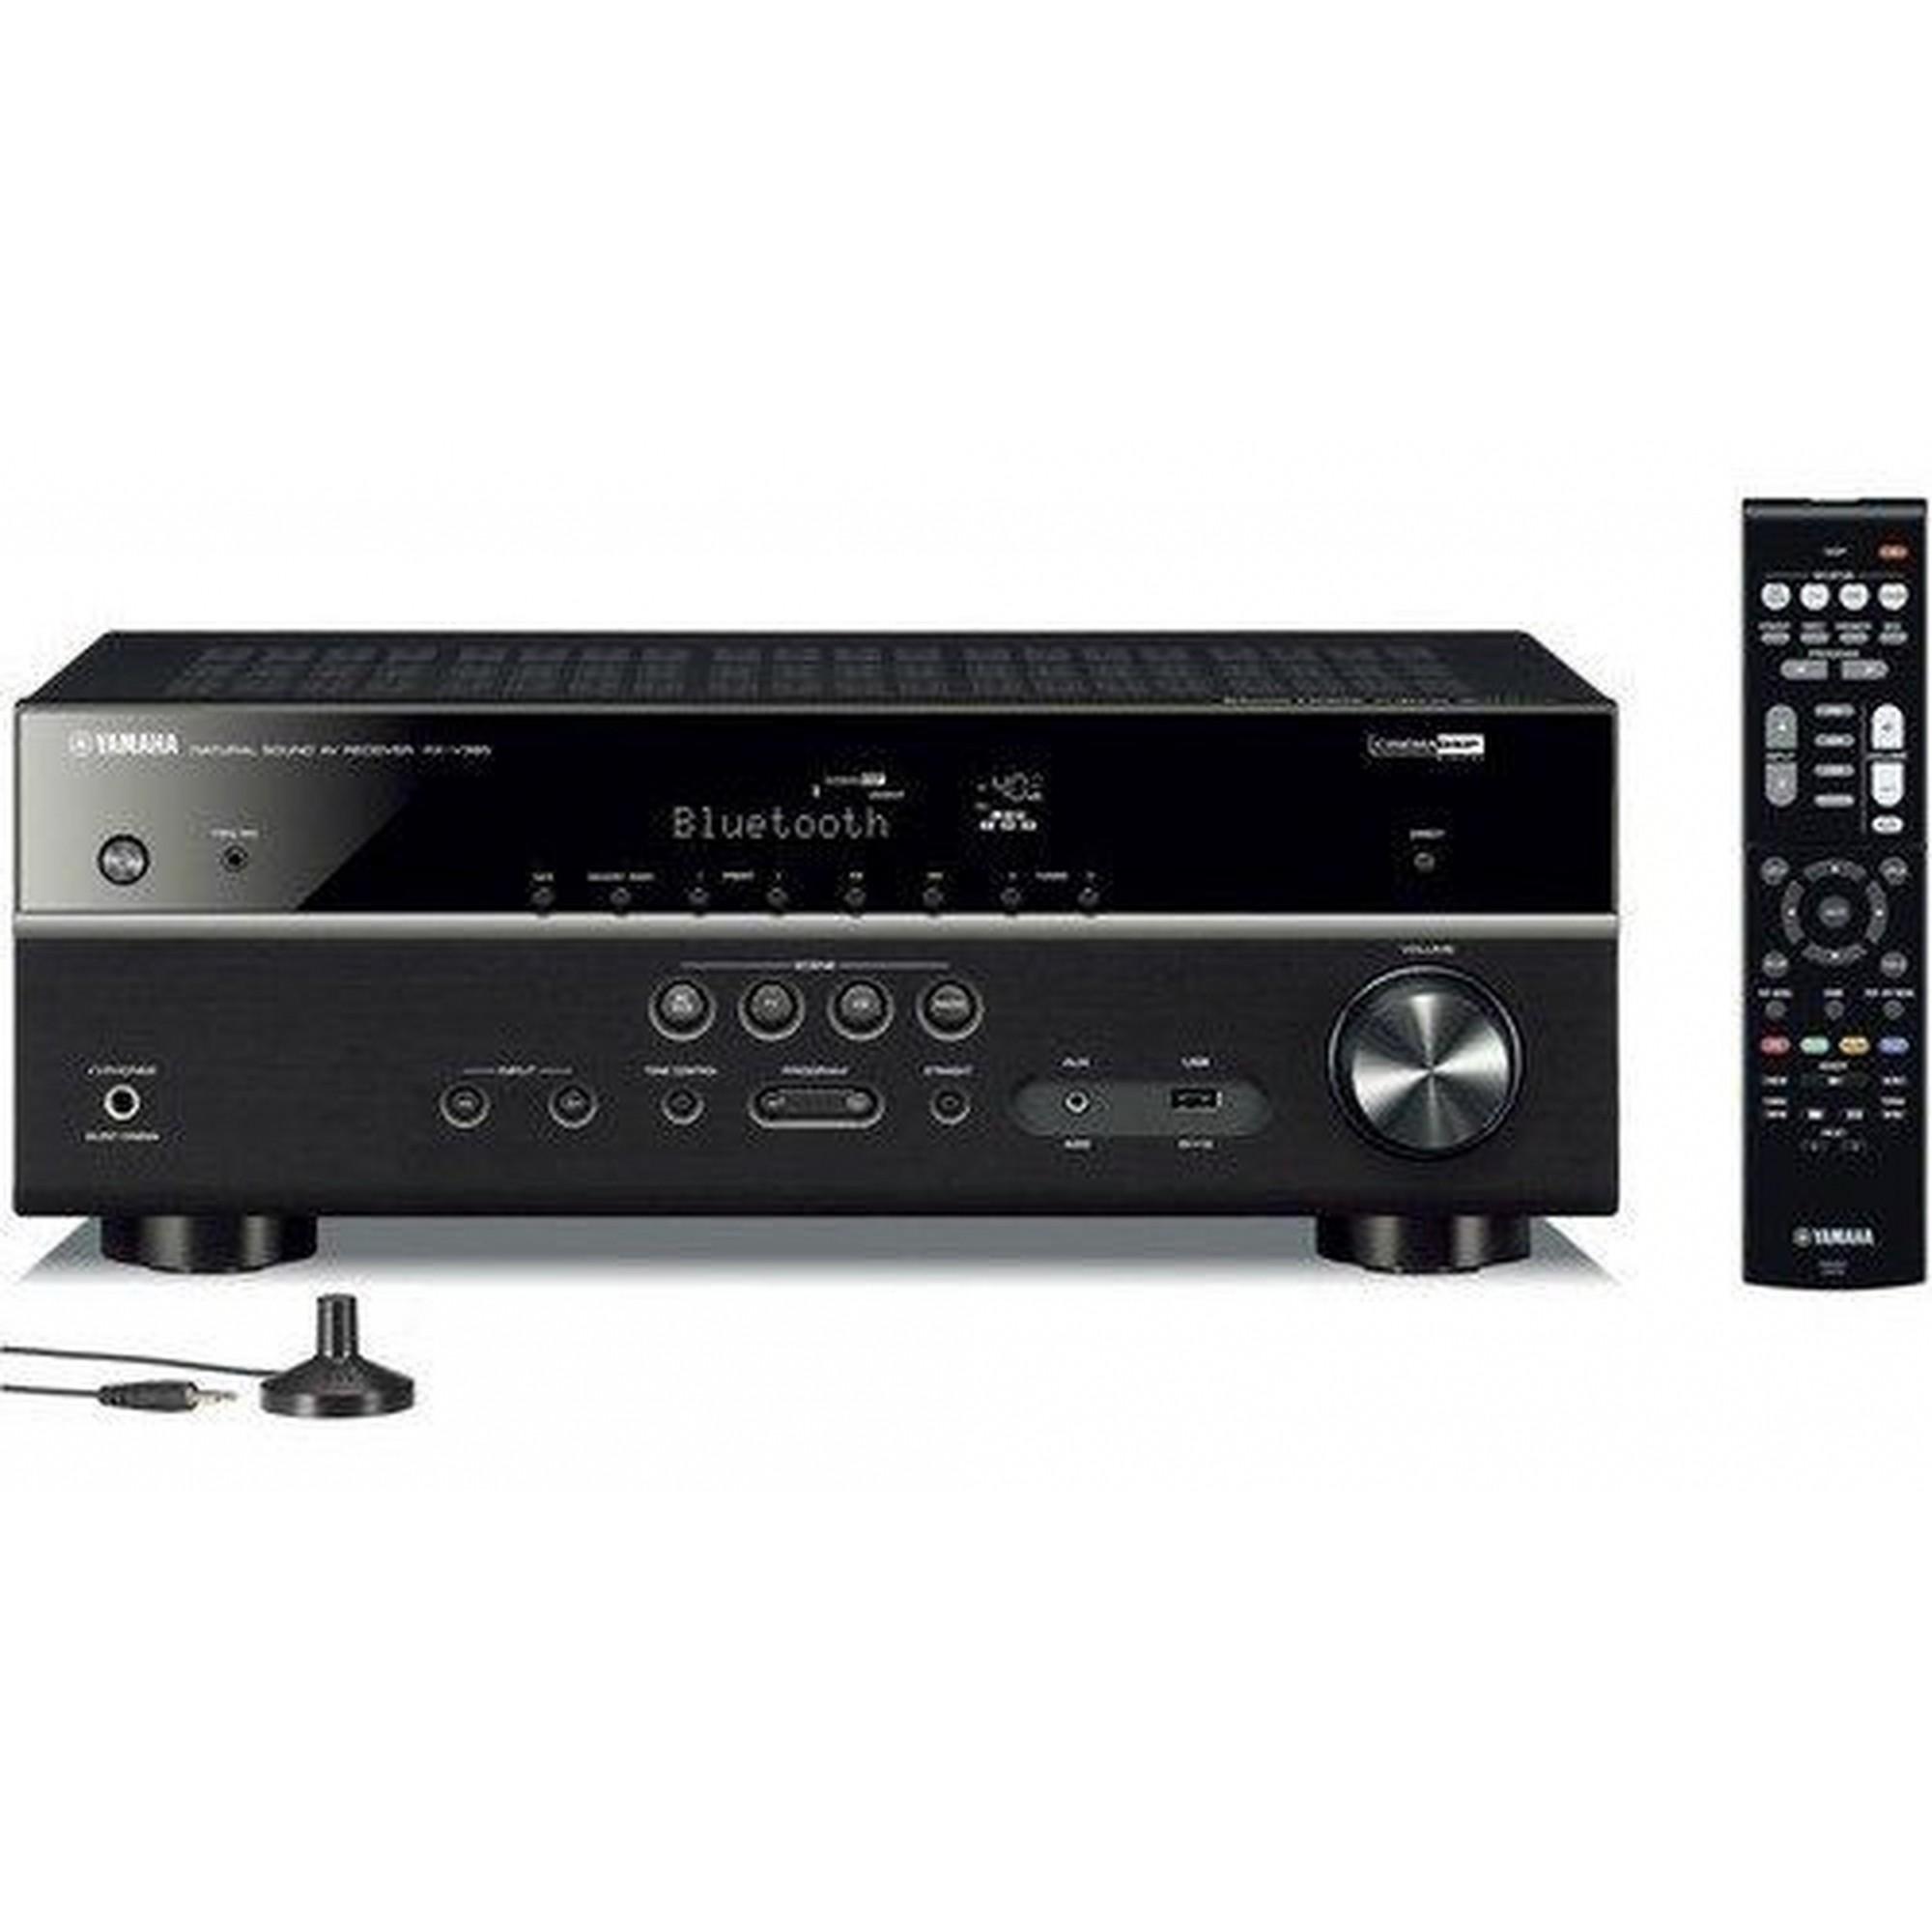 Yamaha RX-V385 Receiver 5.1ch Bluetooth YPAO 4K UltraHD 3D HDR10 - Bivolt